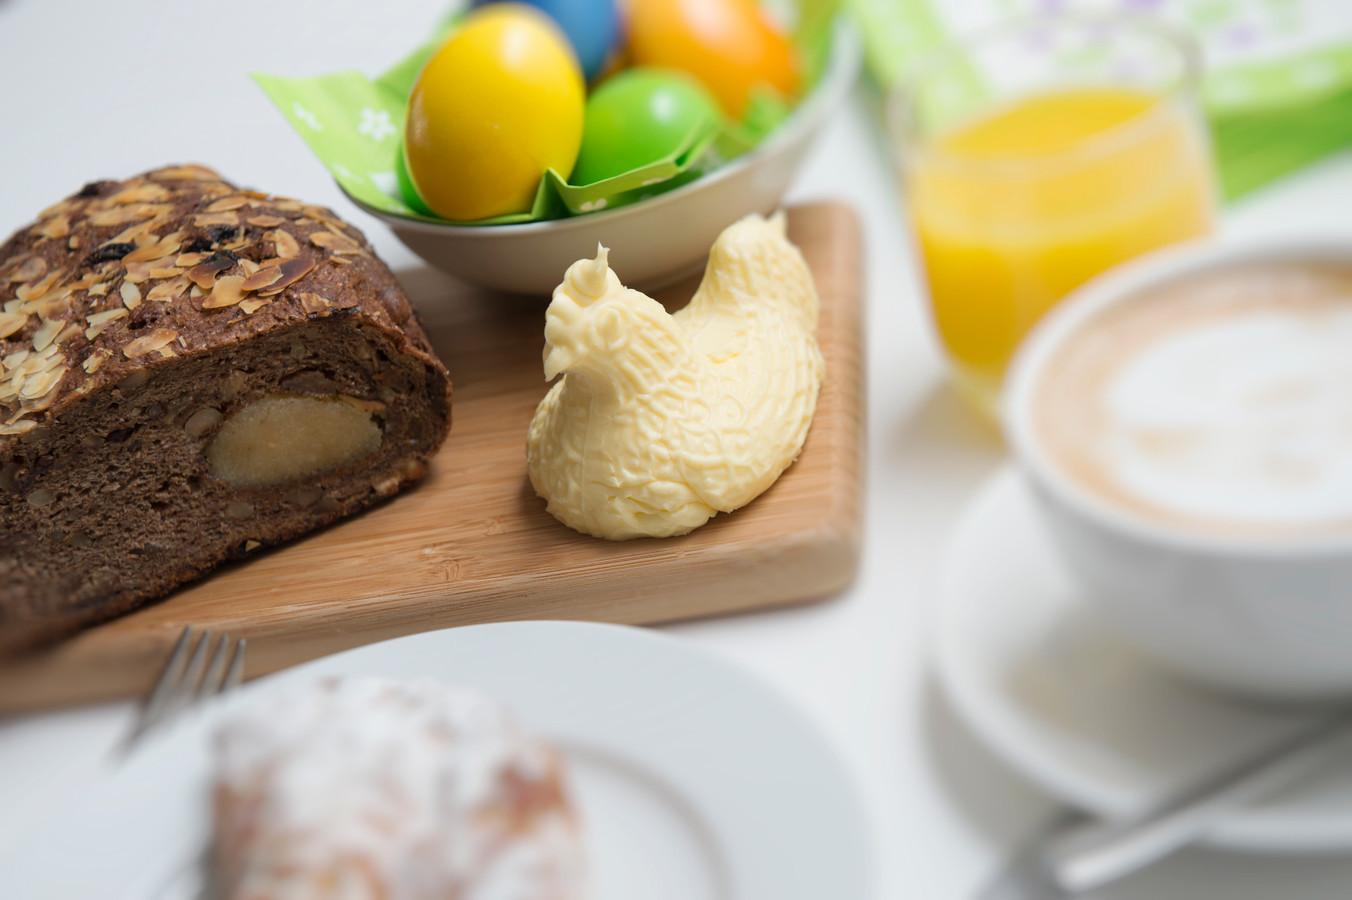 Paaseieren op tafel tijdens het paasontbijt.